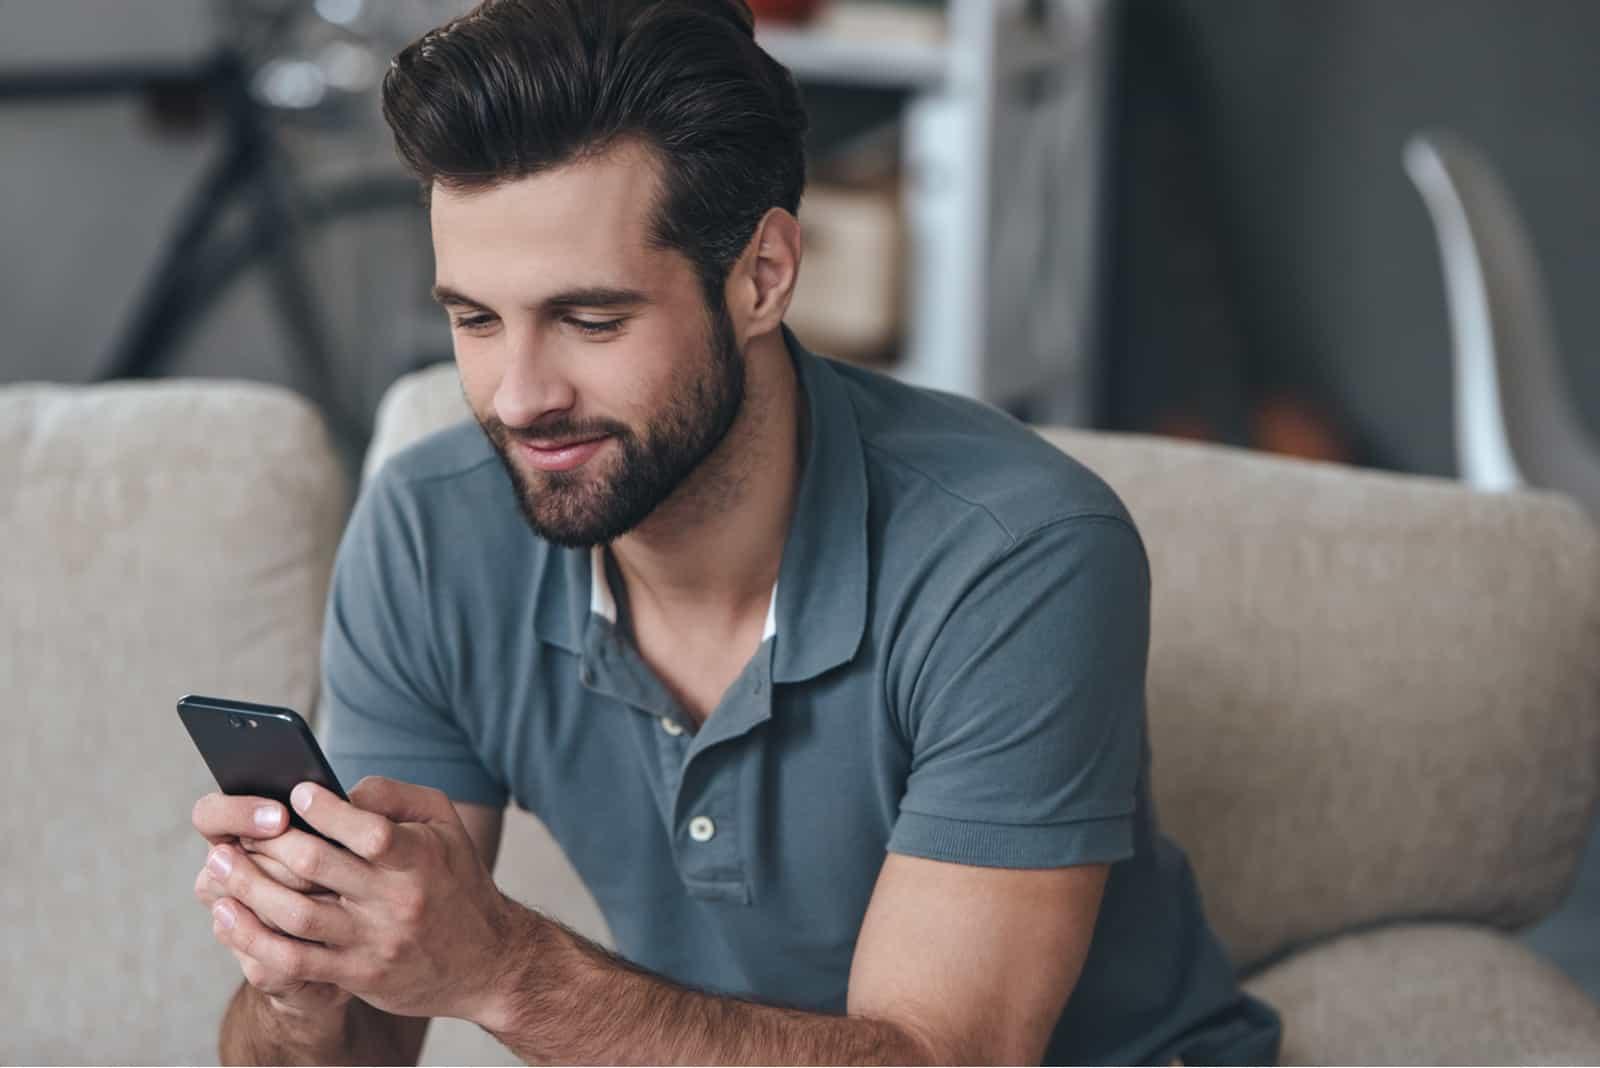 un homme est assis sur le canapé et un bouton du téléphone